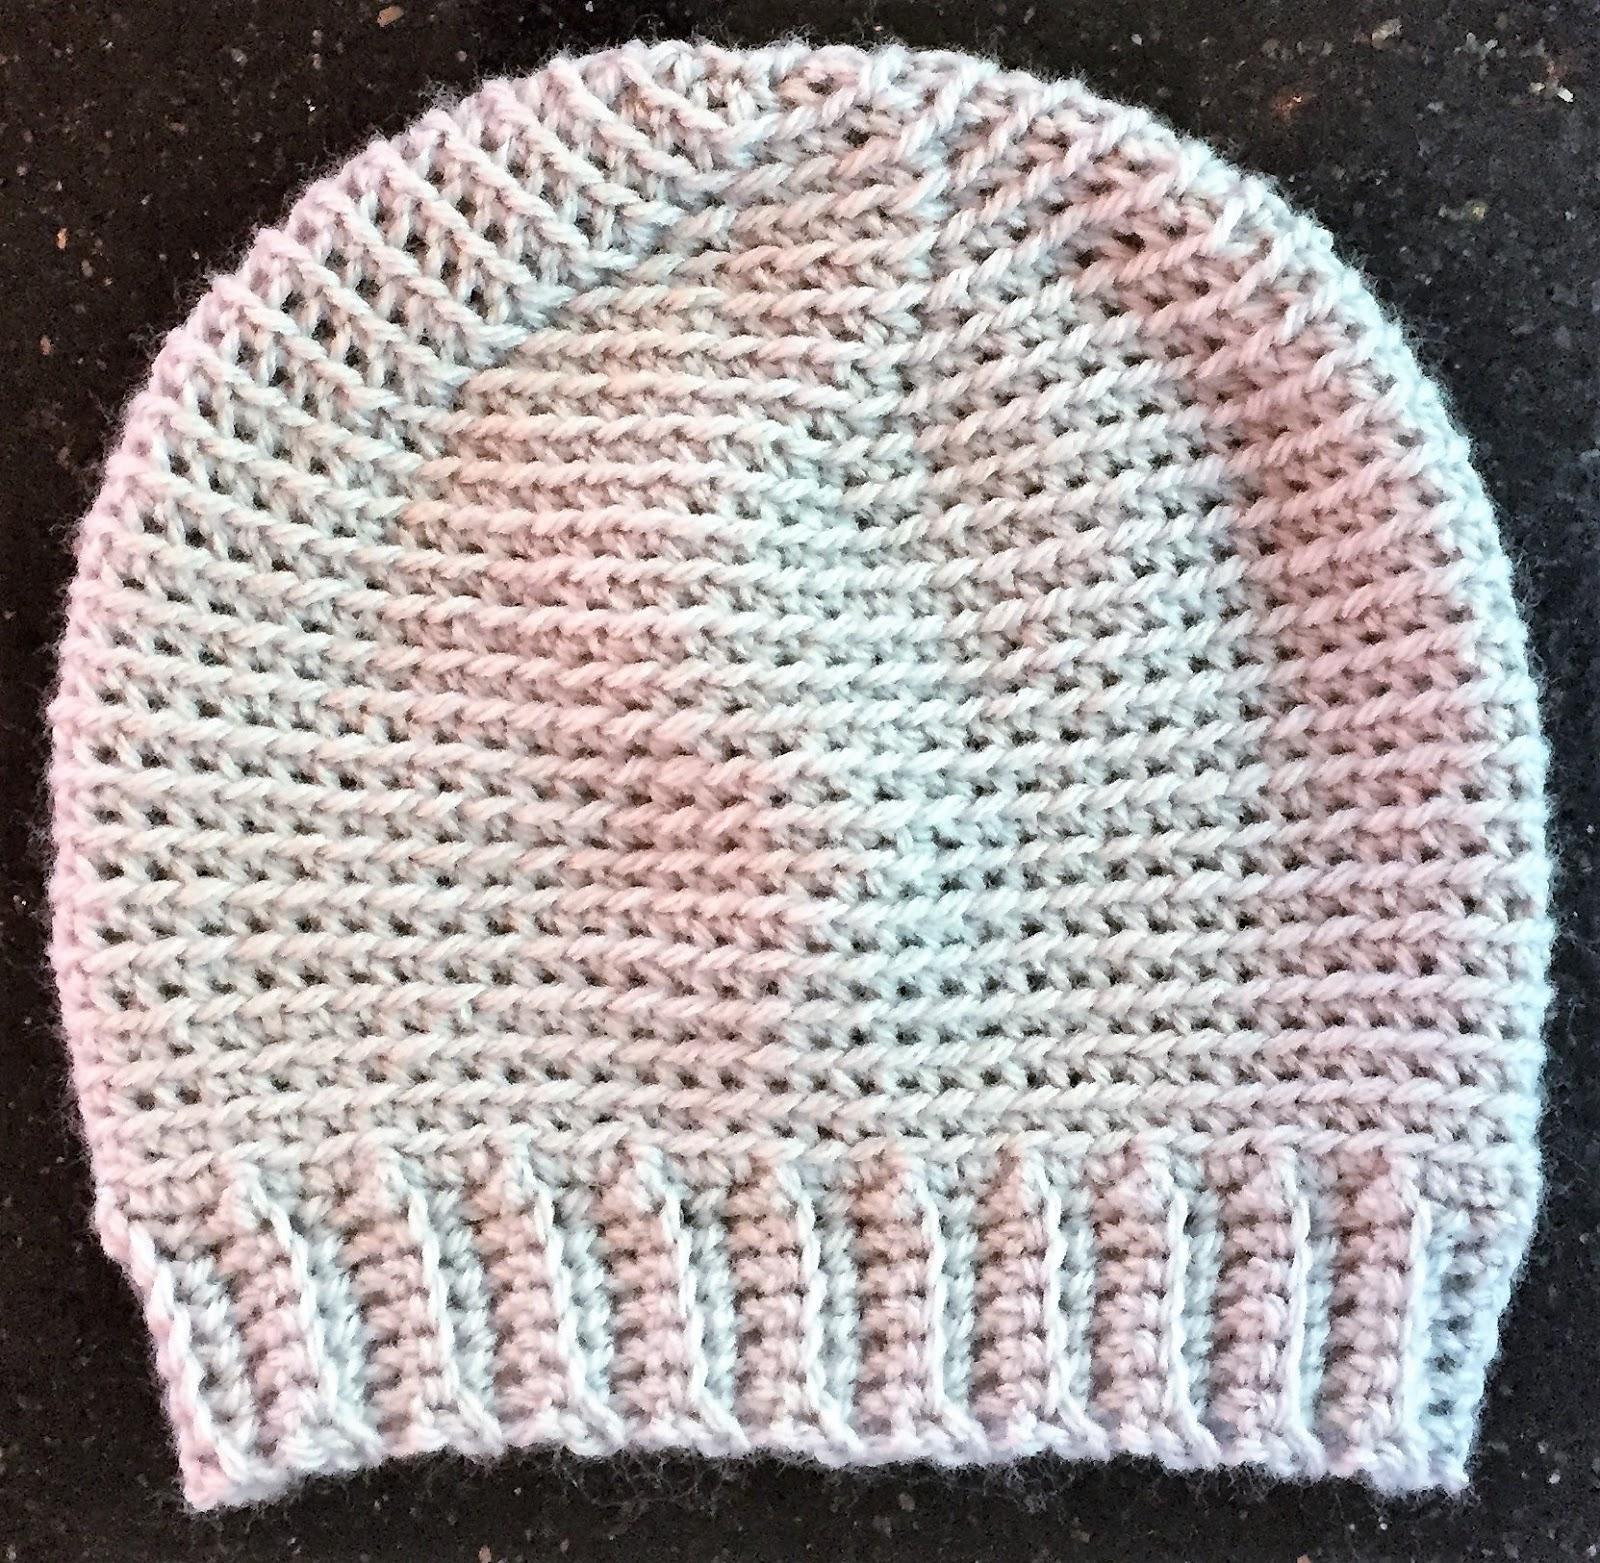 Sea Trail Grandmas Free Crochet Preemie And Newborn Hat Patterns